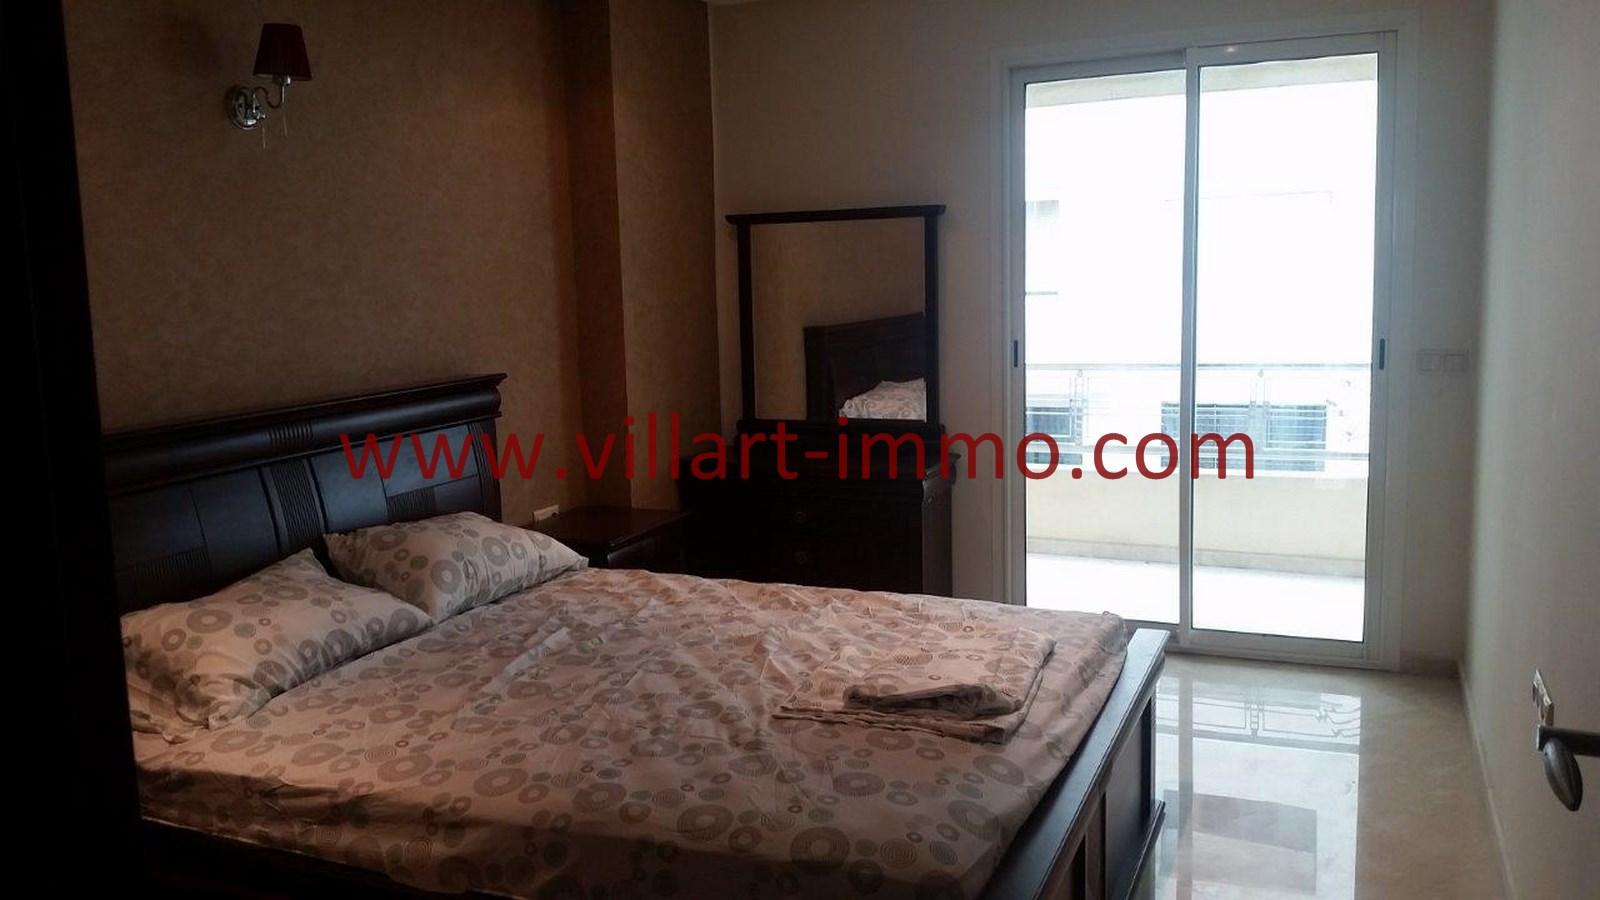 6-a-louer-appartement-meuble-tanger-chambre-1-l918-villart-immo